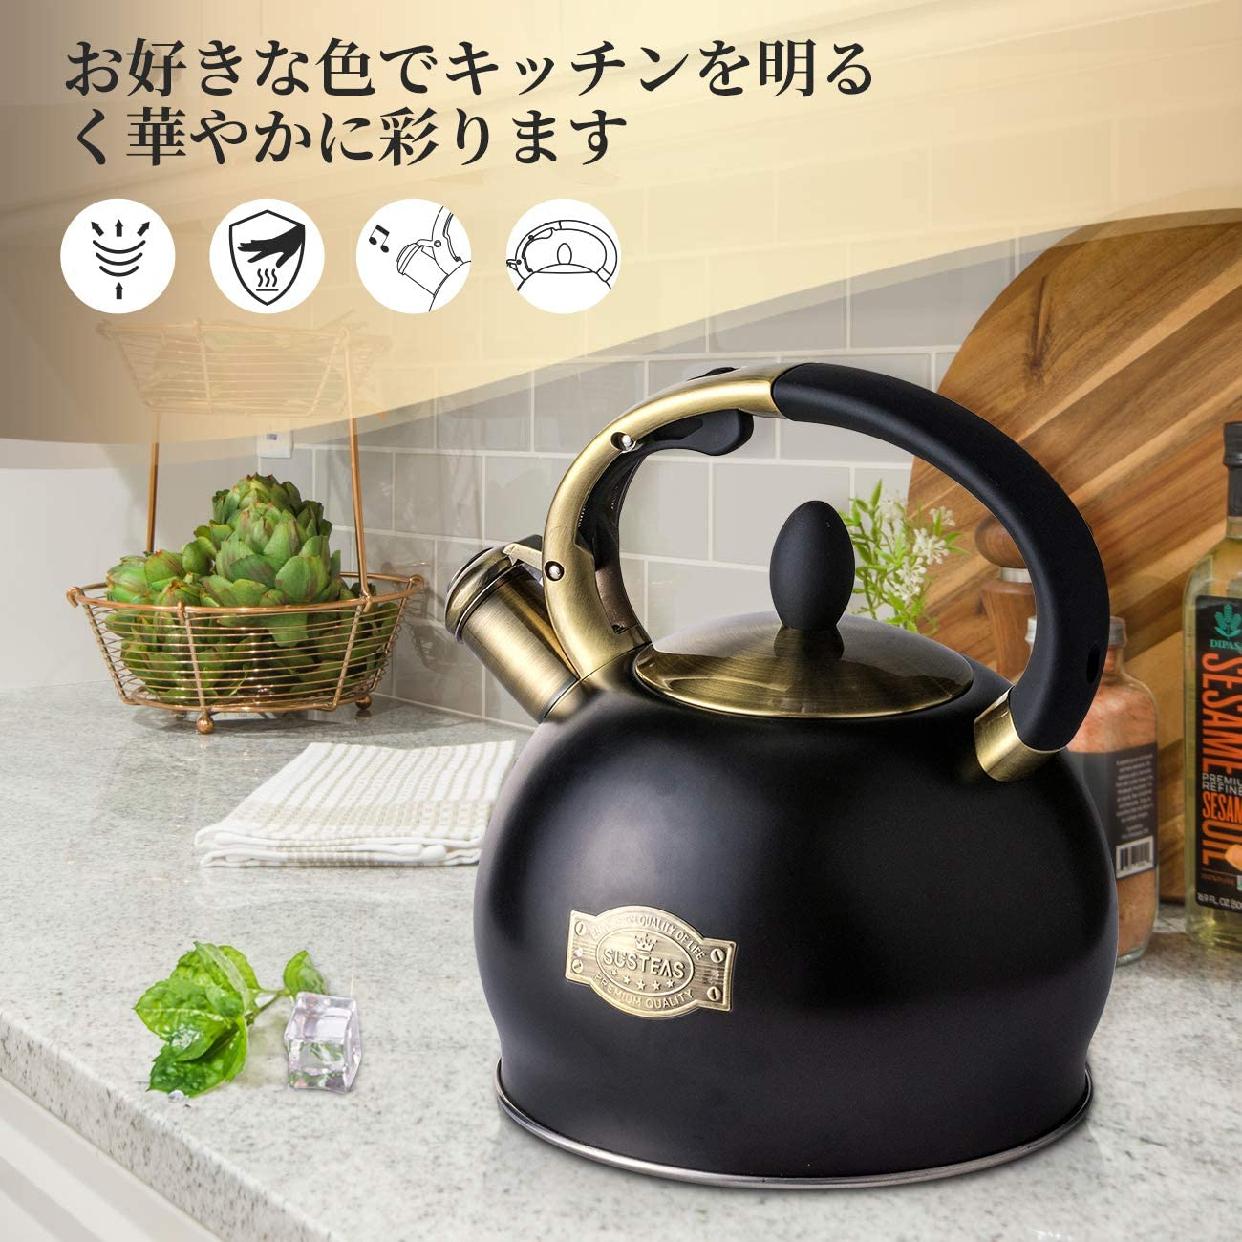 SUSTEAS(サスティーズ) 笛吹きケトル 2.5Lの商品画像7